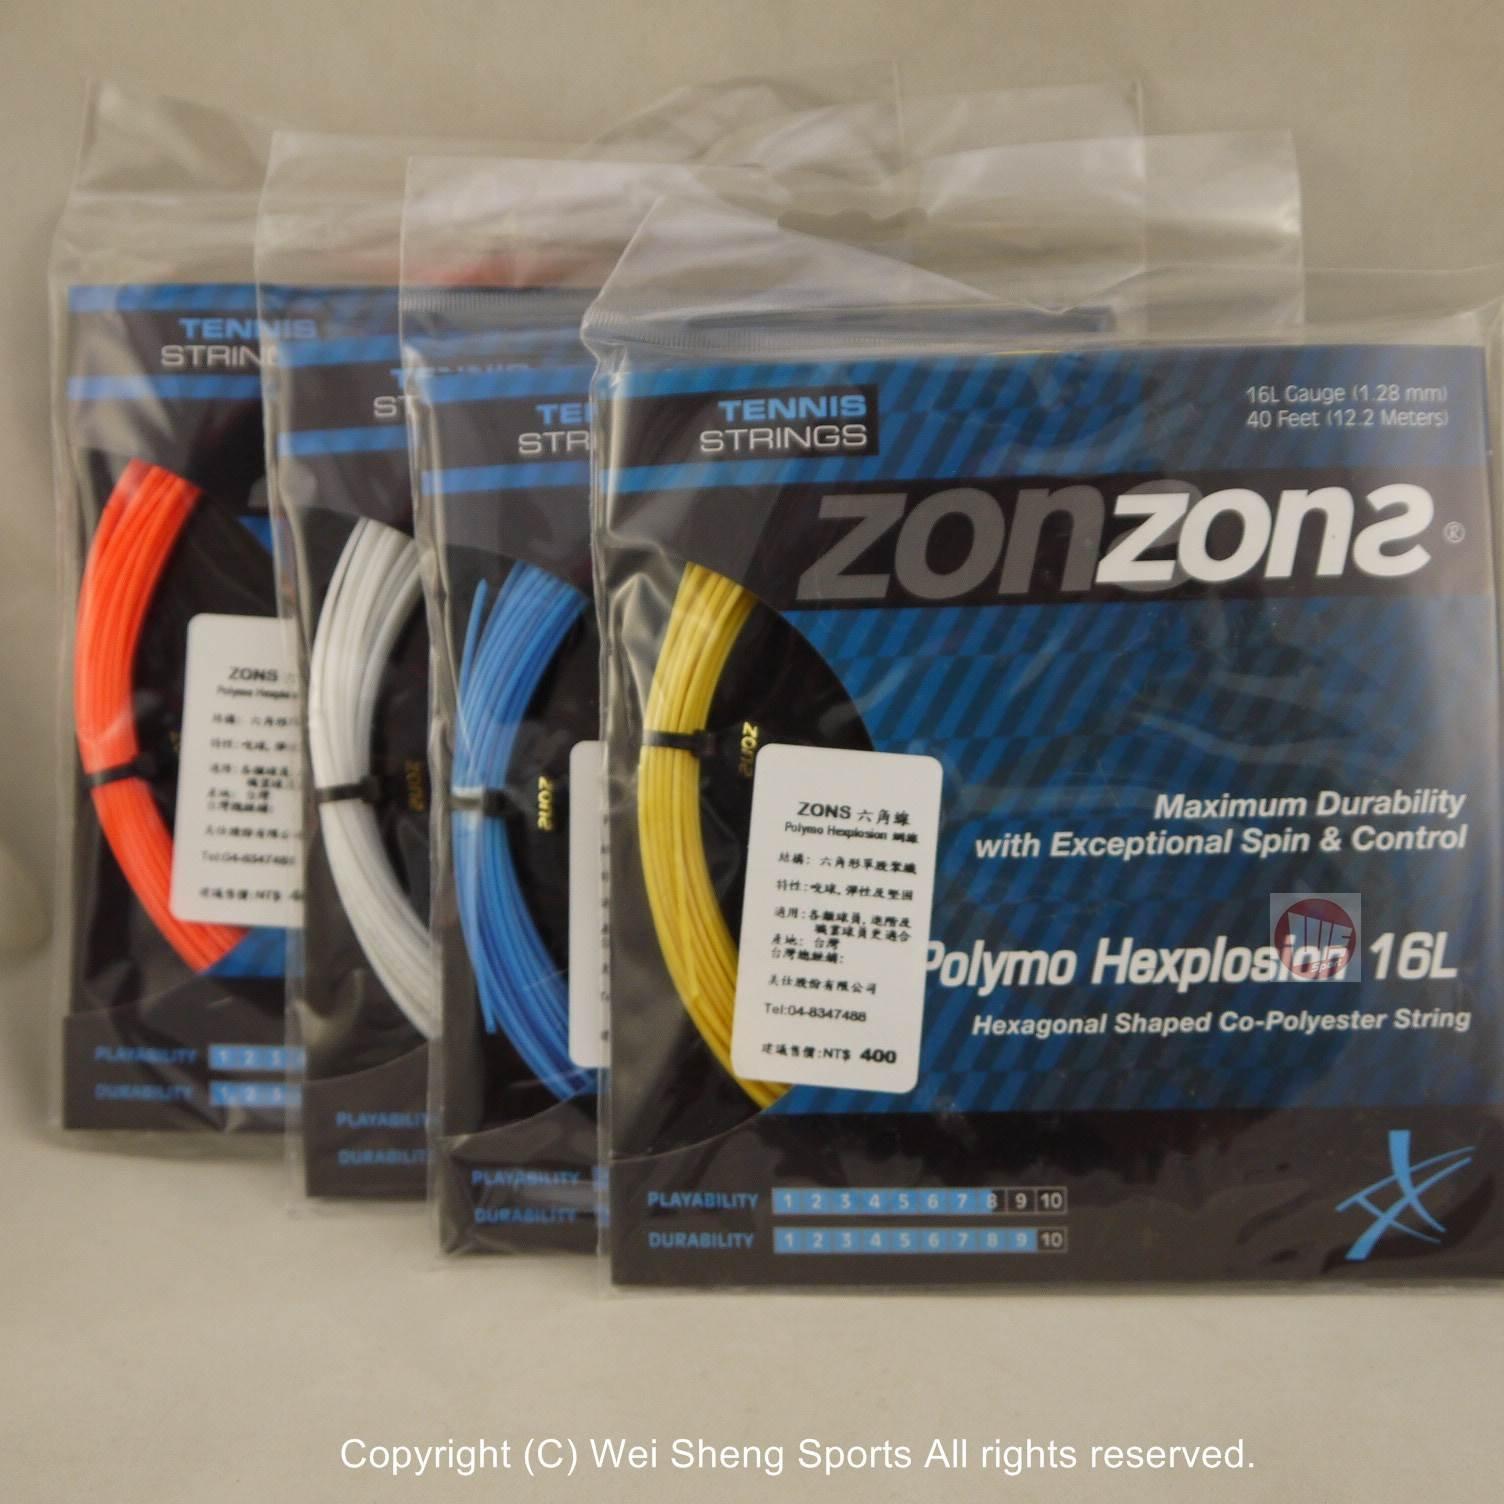 【威盛國際】ZONS 網球線 Polymo Hexplosion 16L 六角線